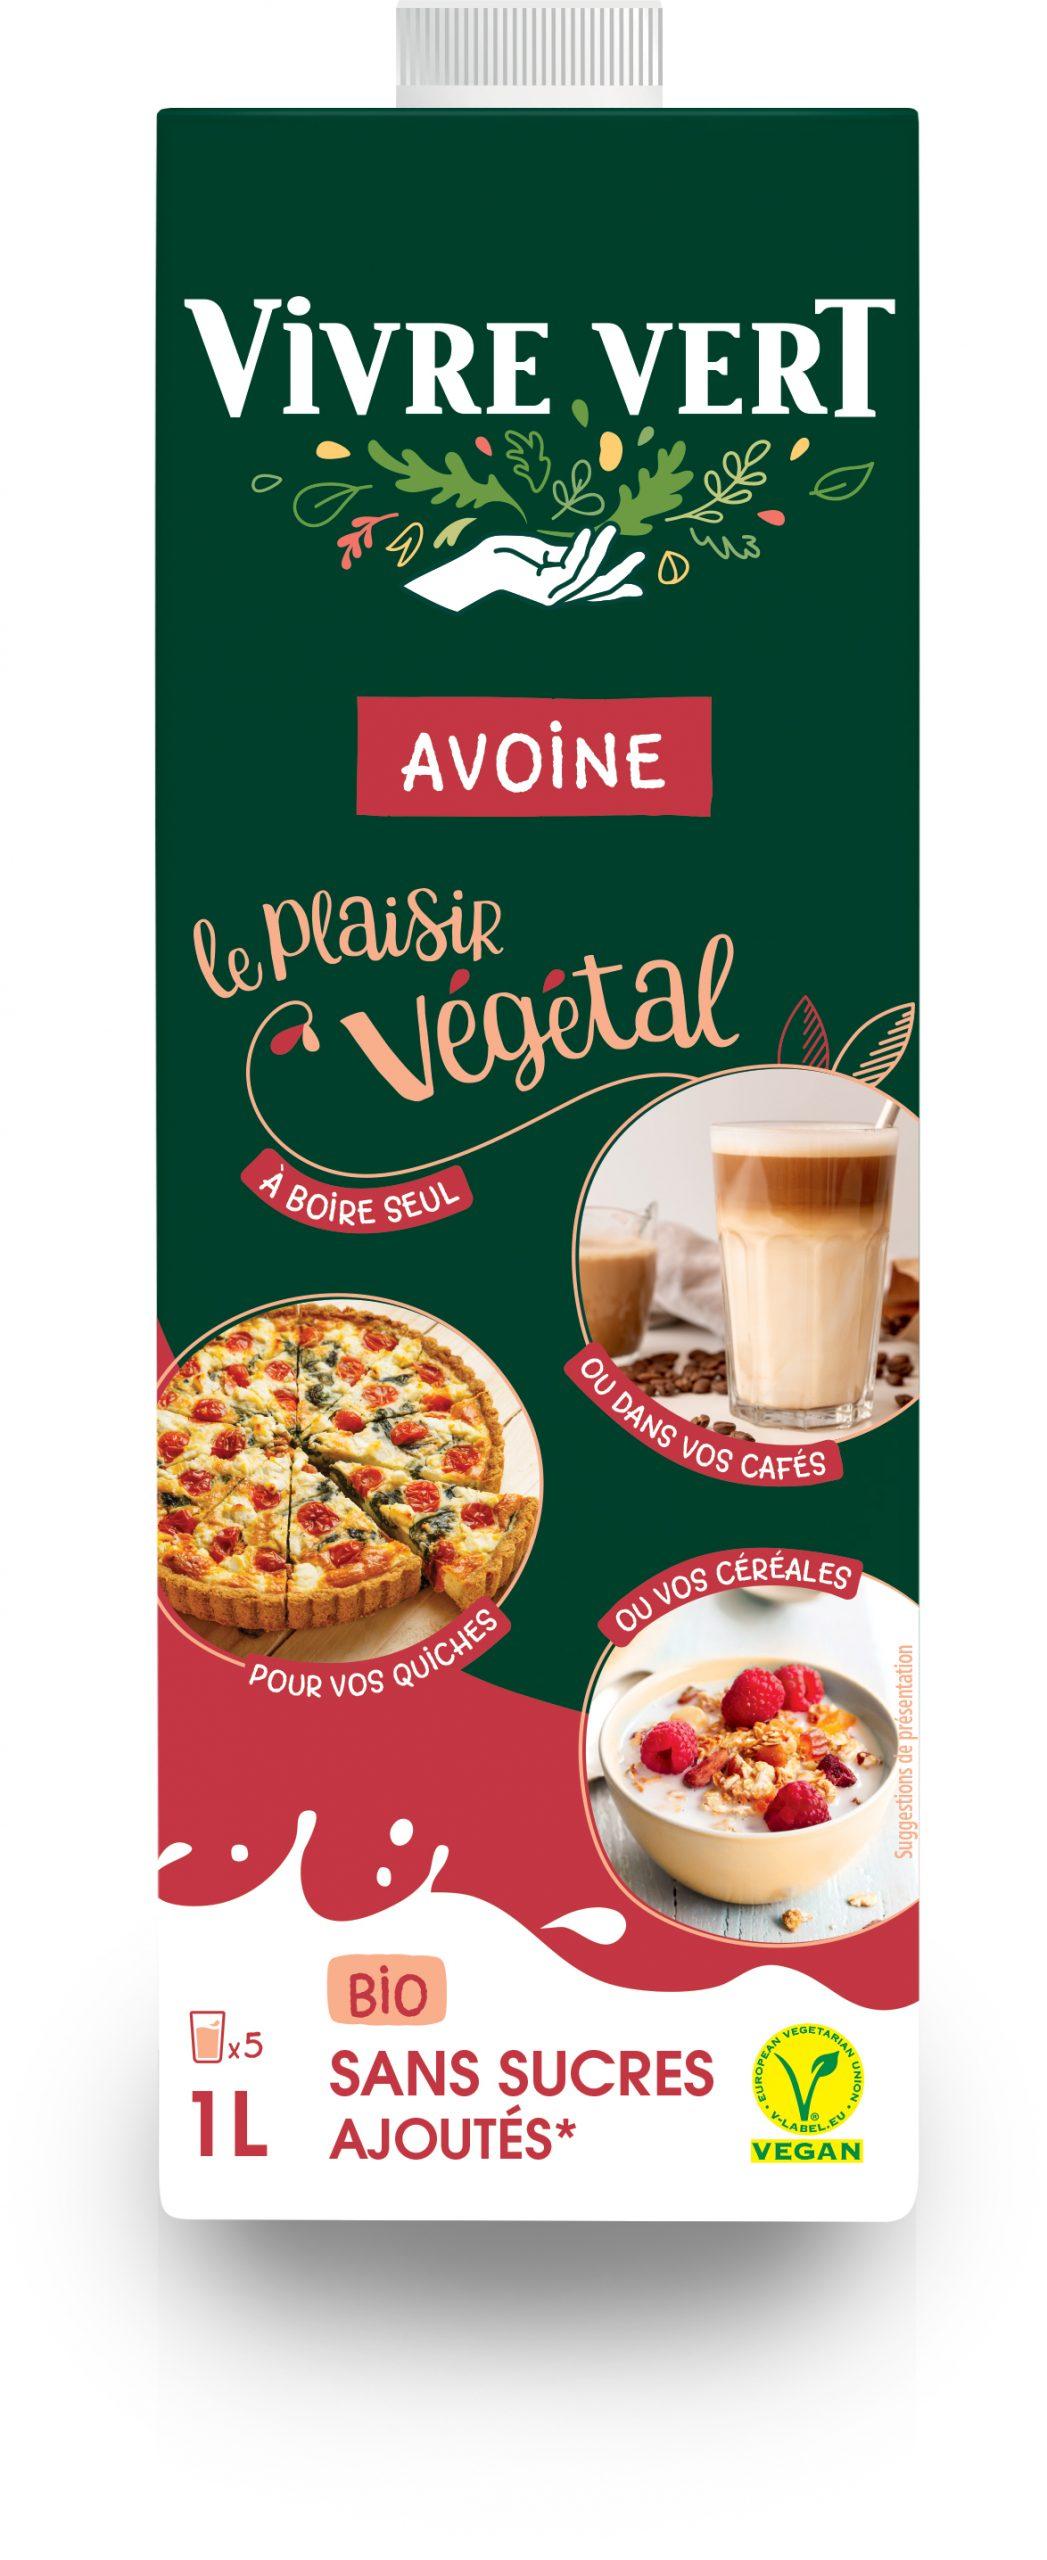 boissonavoine scaled - Vivre Vert, le végétal gourmand et engagé au rayon frais